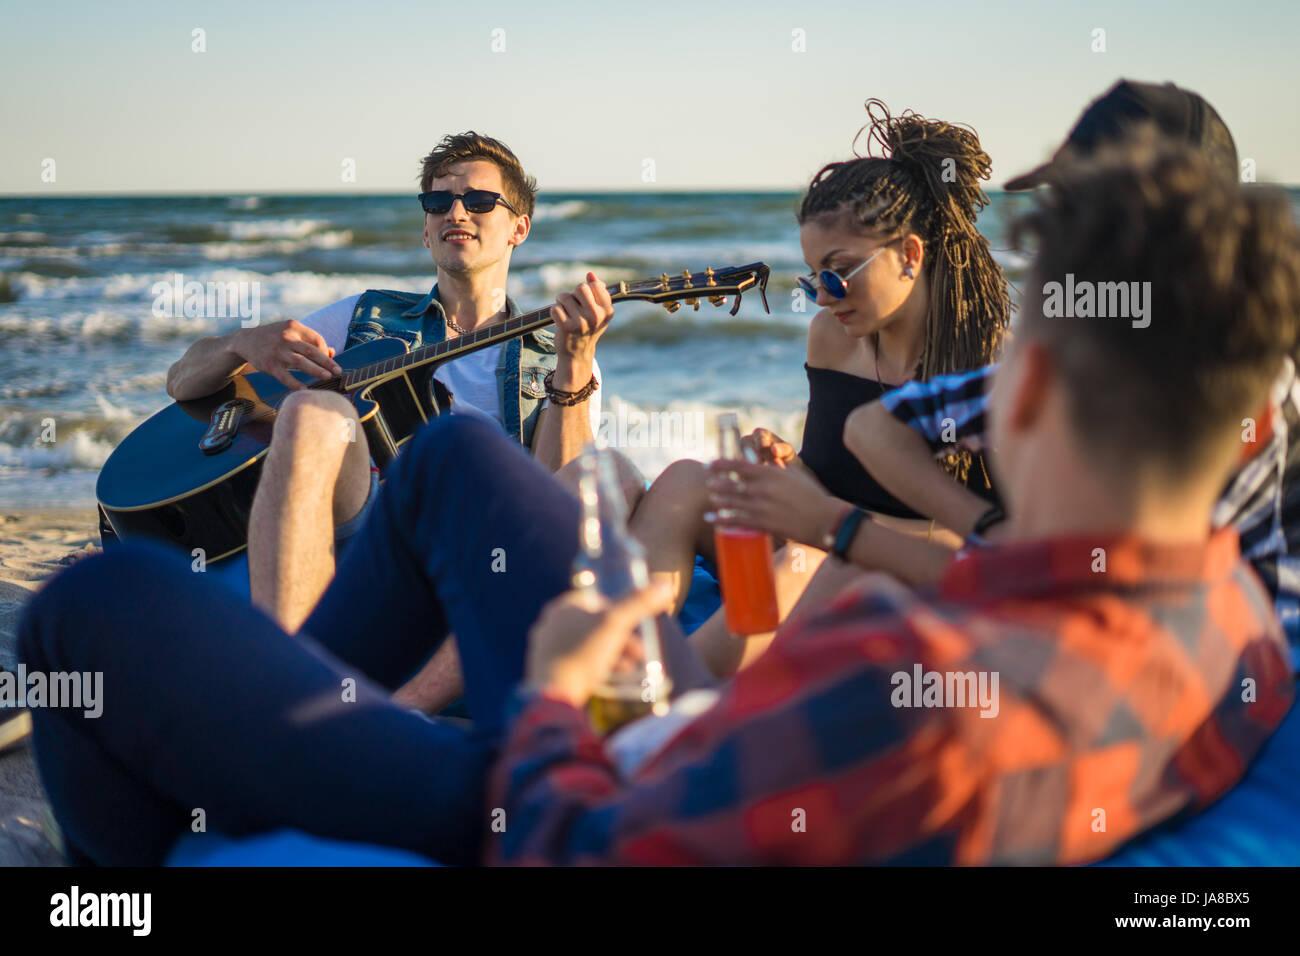 Groupe d'amis avec de la guitare et de l'alcool sur la plage partie Photo Stock